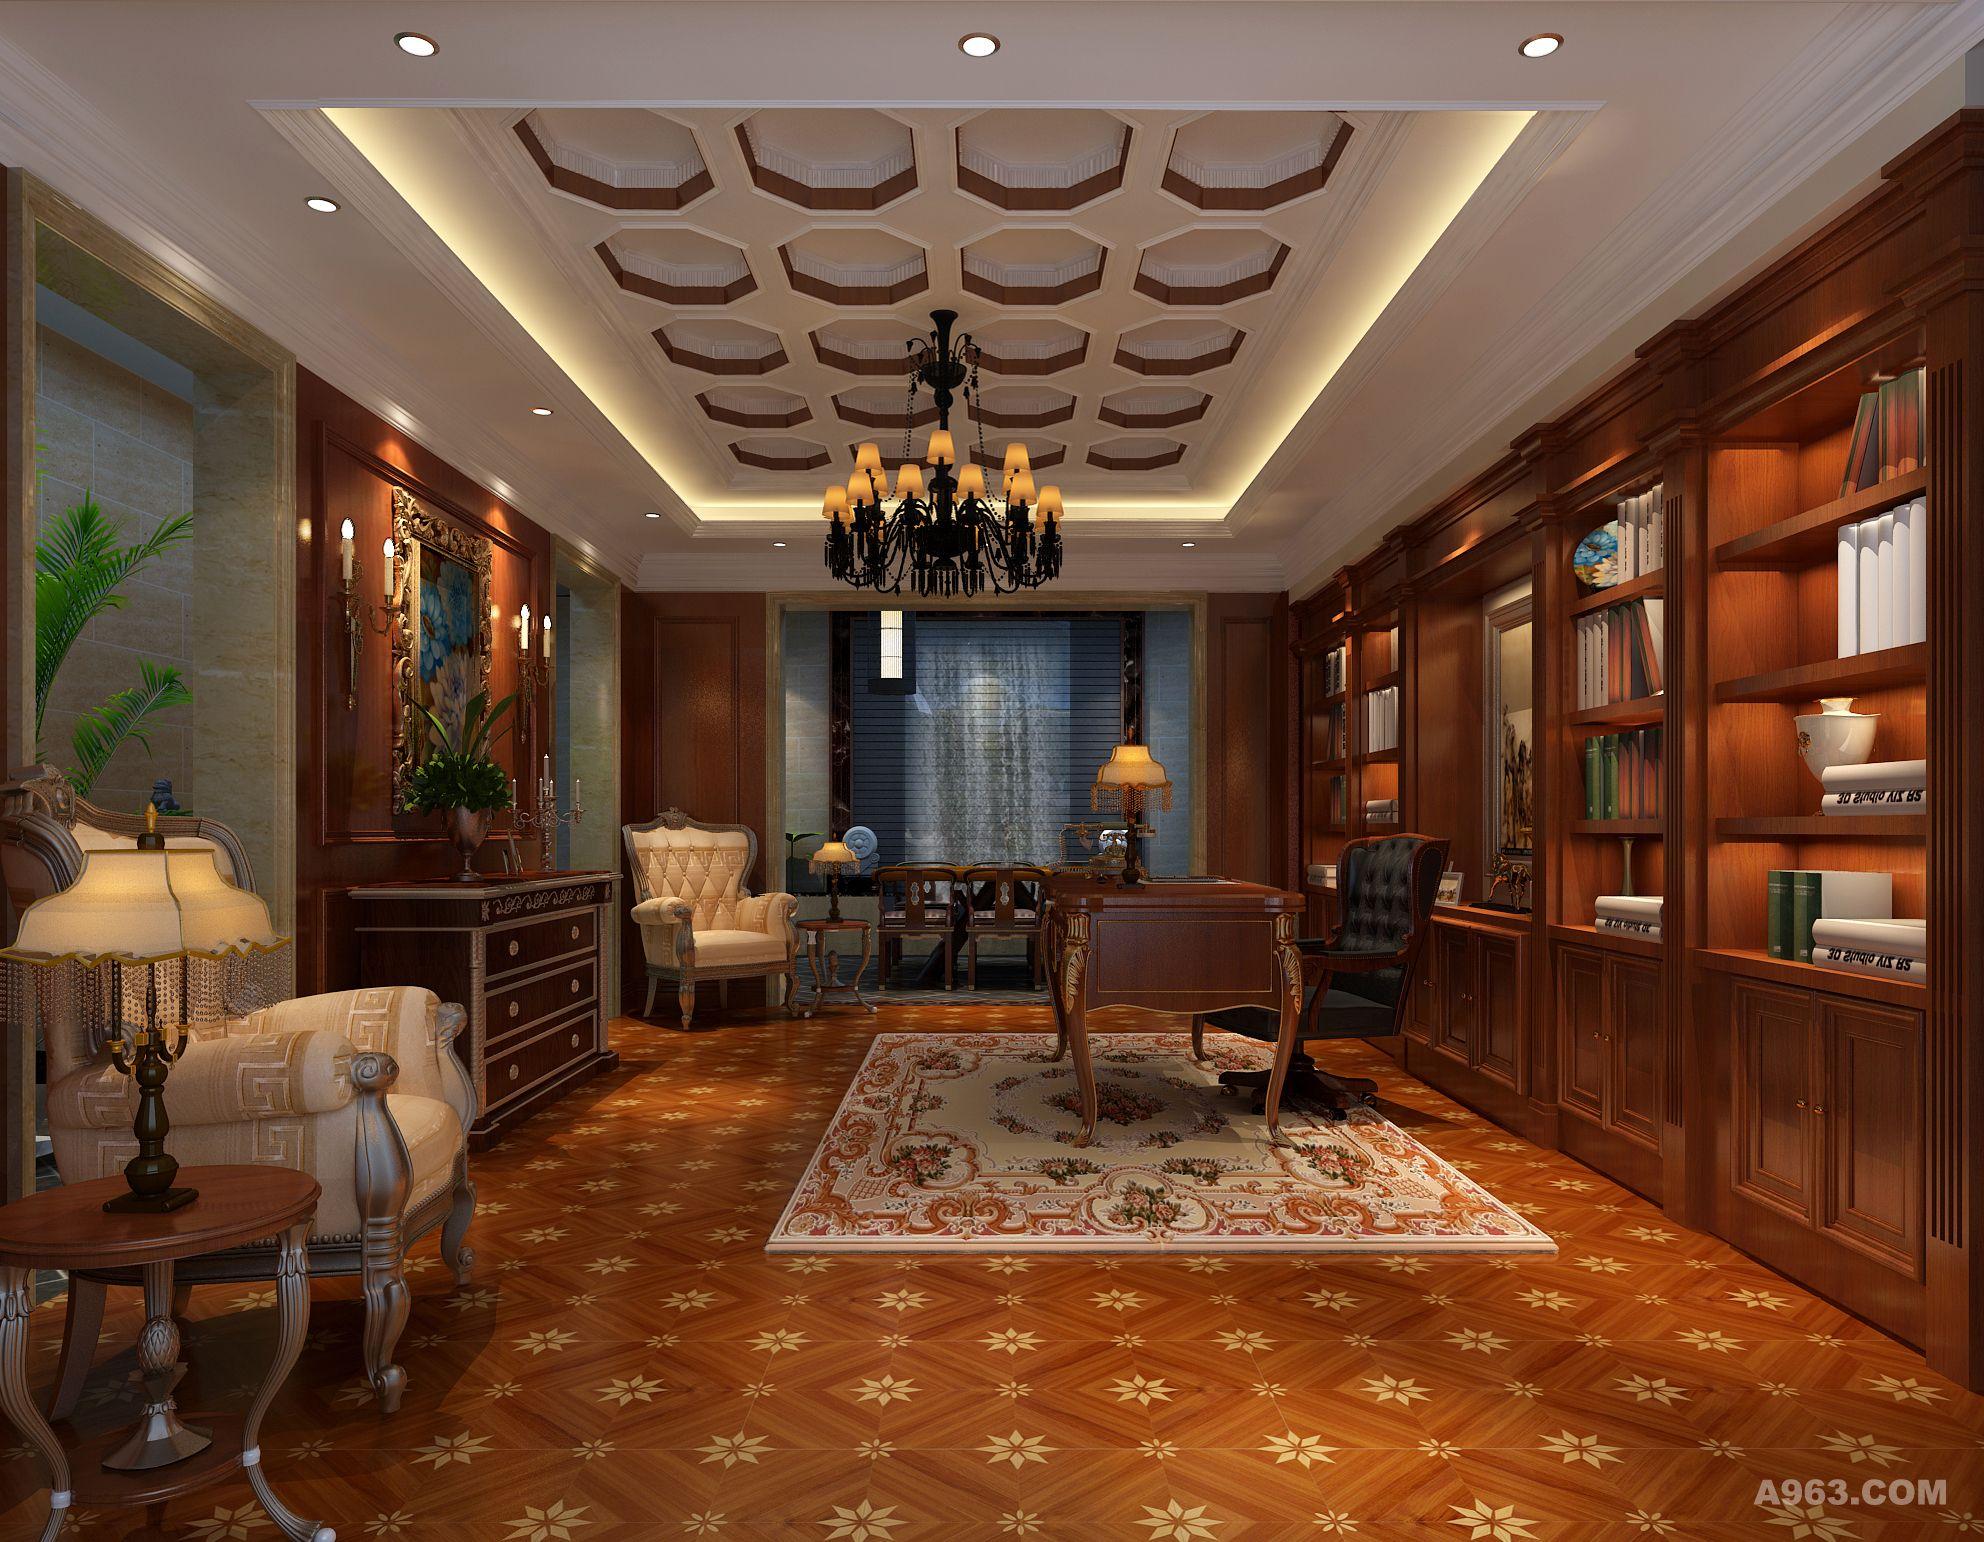 打造出浓厚经典的法式奢华的传承气息的会客空间图片